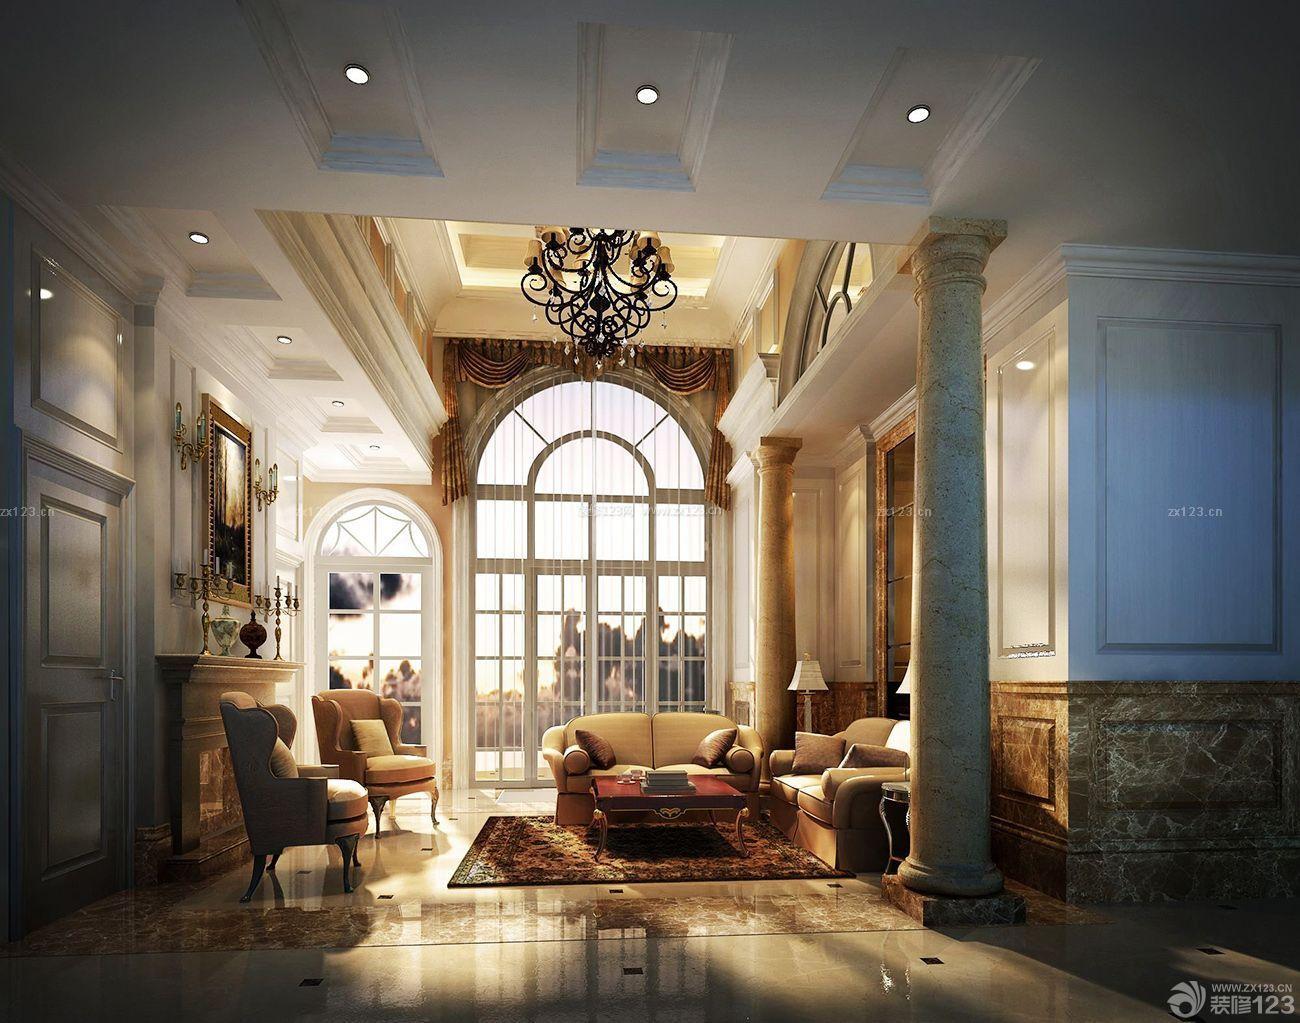 图片客厅门洞欧式别墅装修设计价格温泉佛冈别墅复式图片